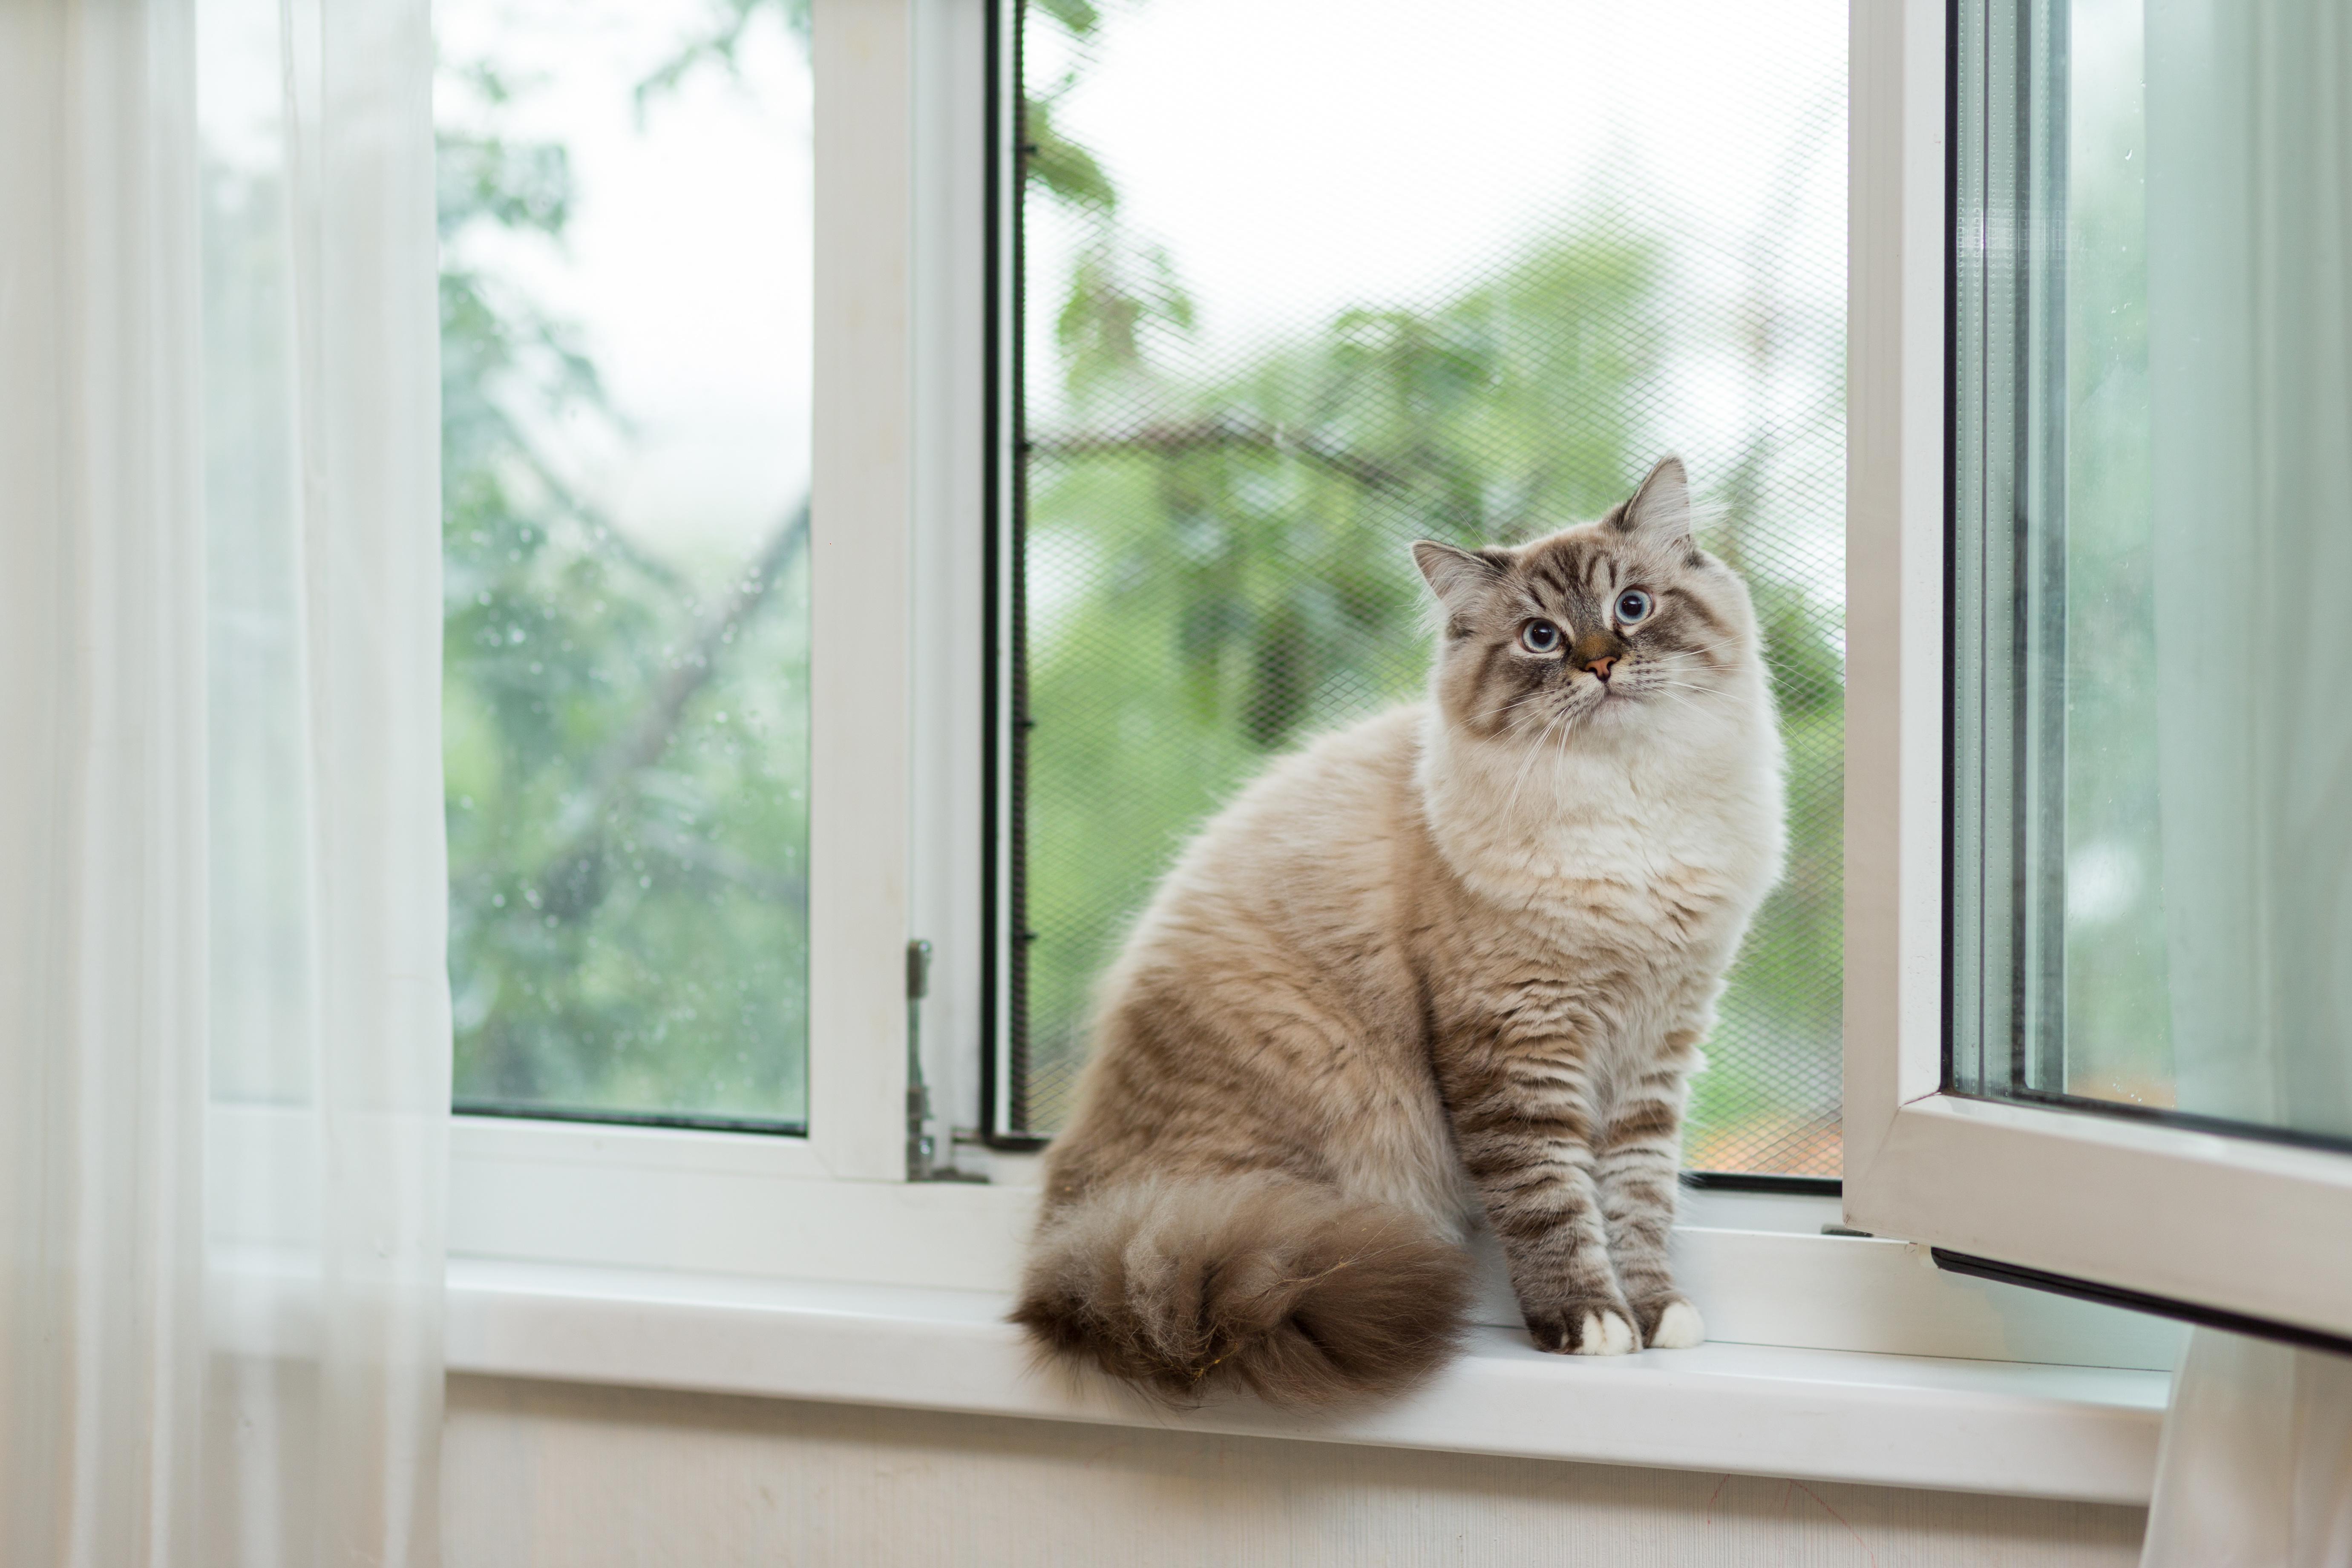 「猫は家につく」といわれるのはなぜ?人にはあまりなつかないの?